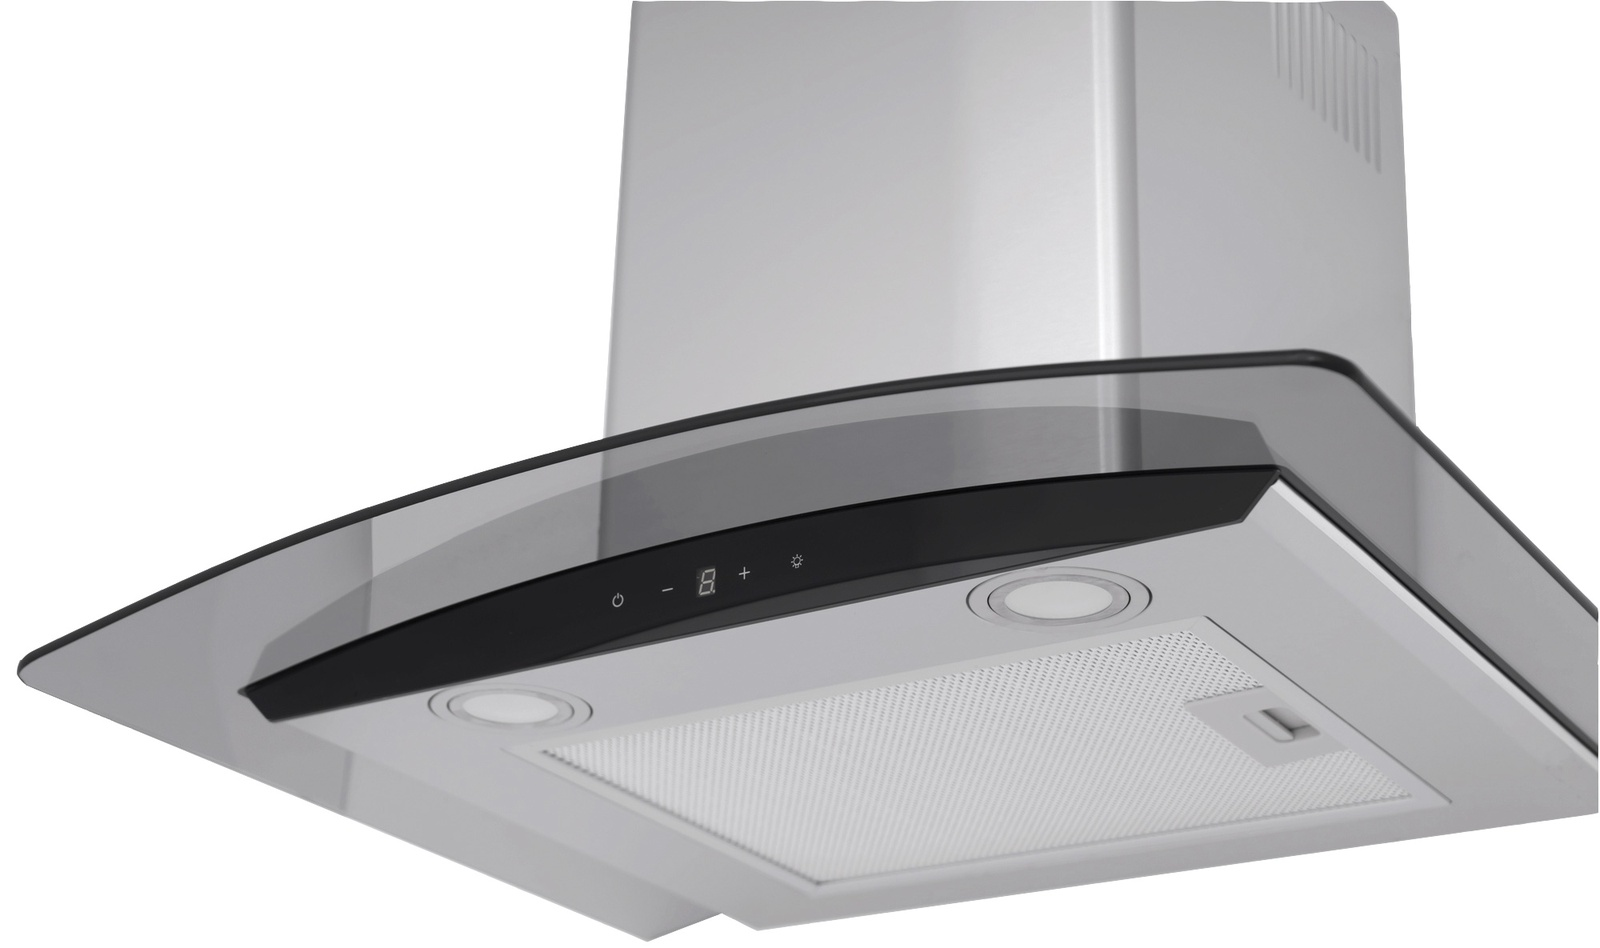 Вытяжка Exiteq EX - 1036 sensor inox, серебристый